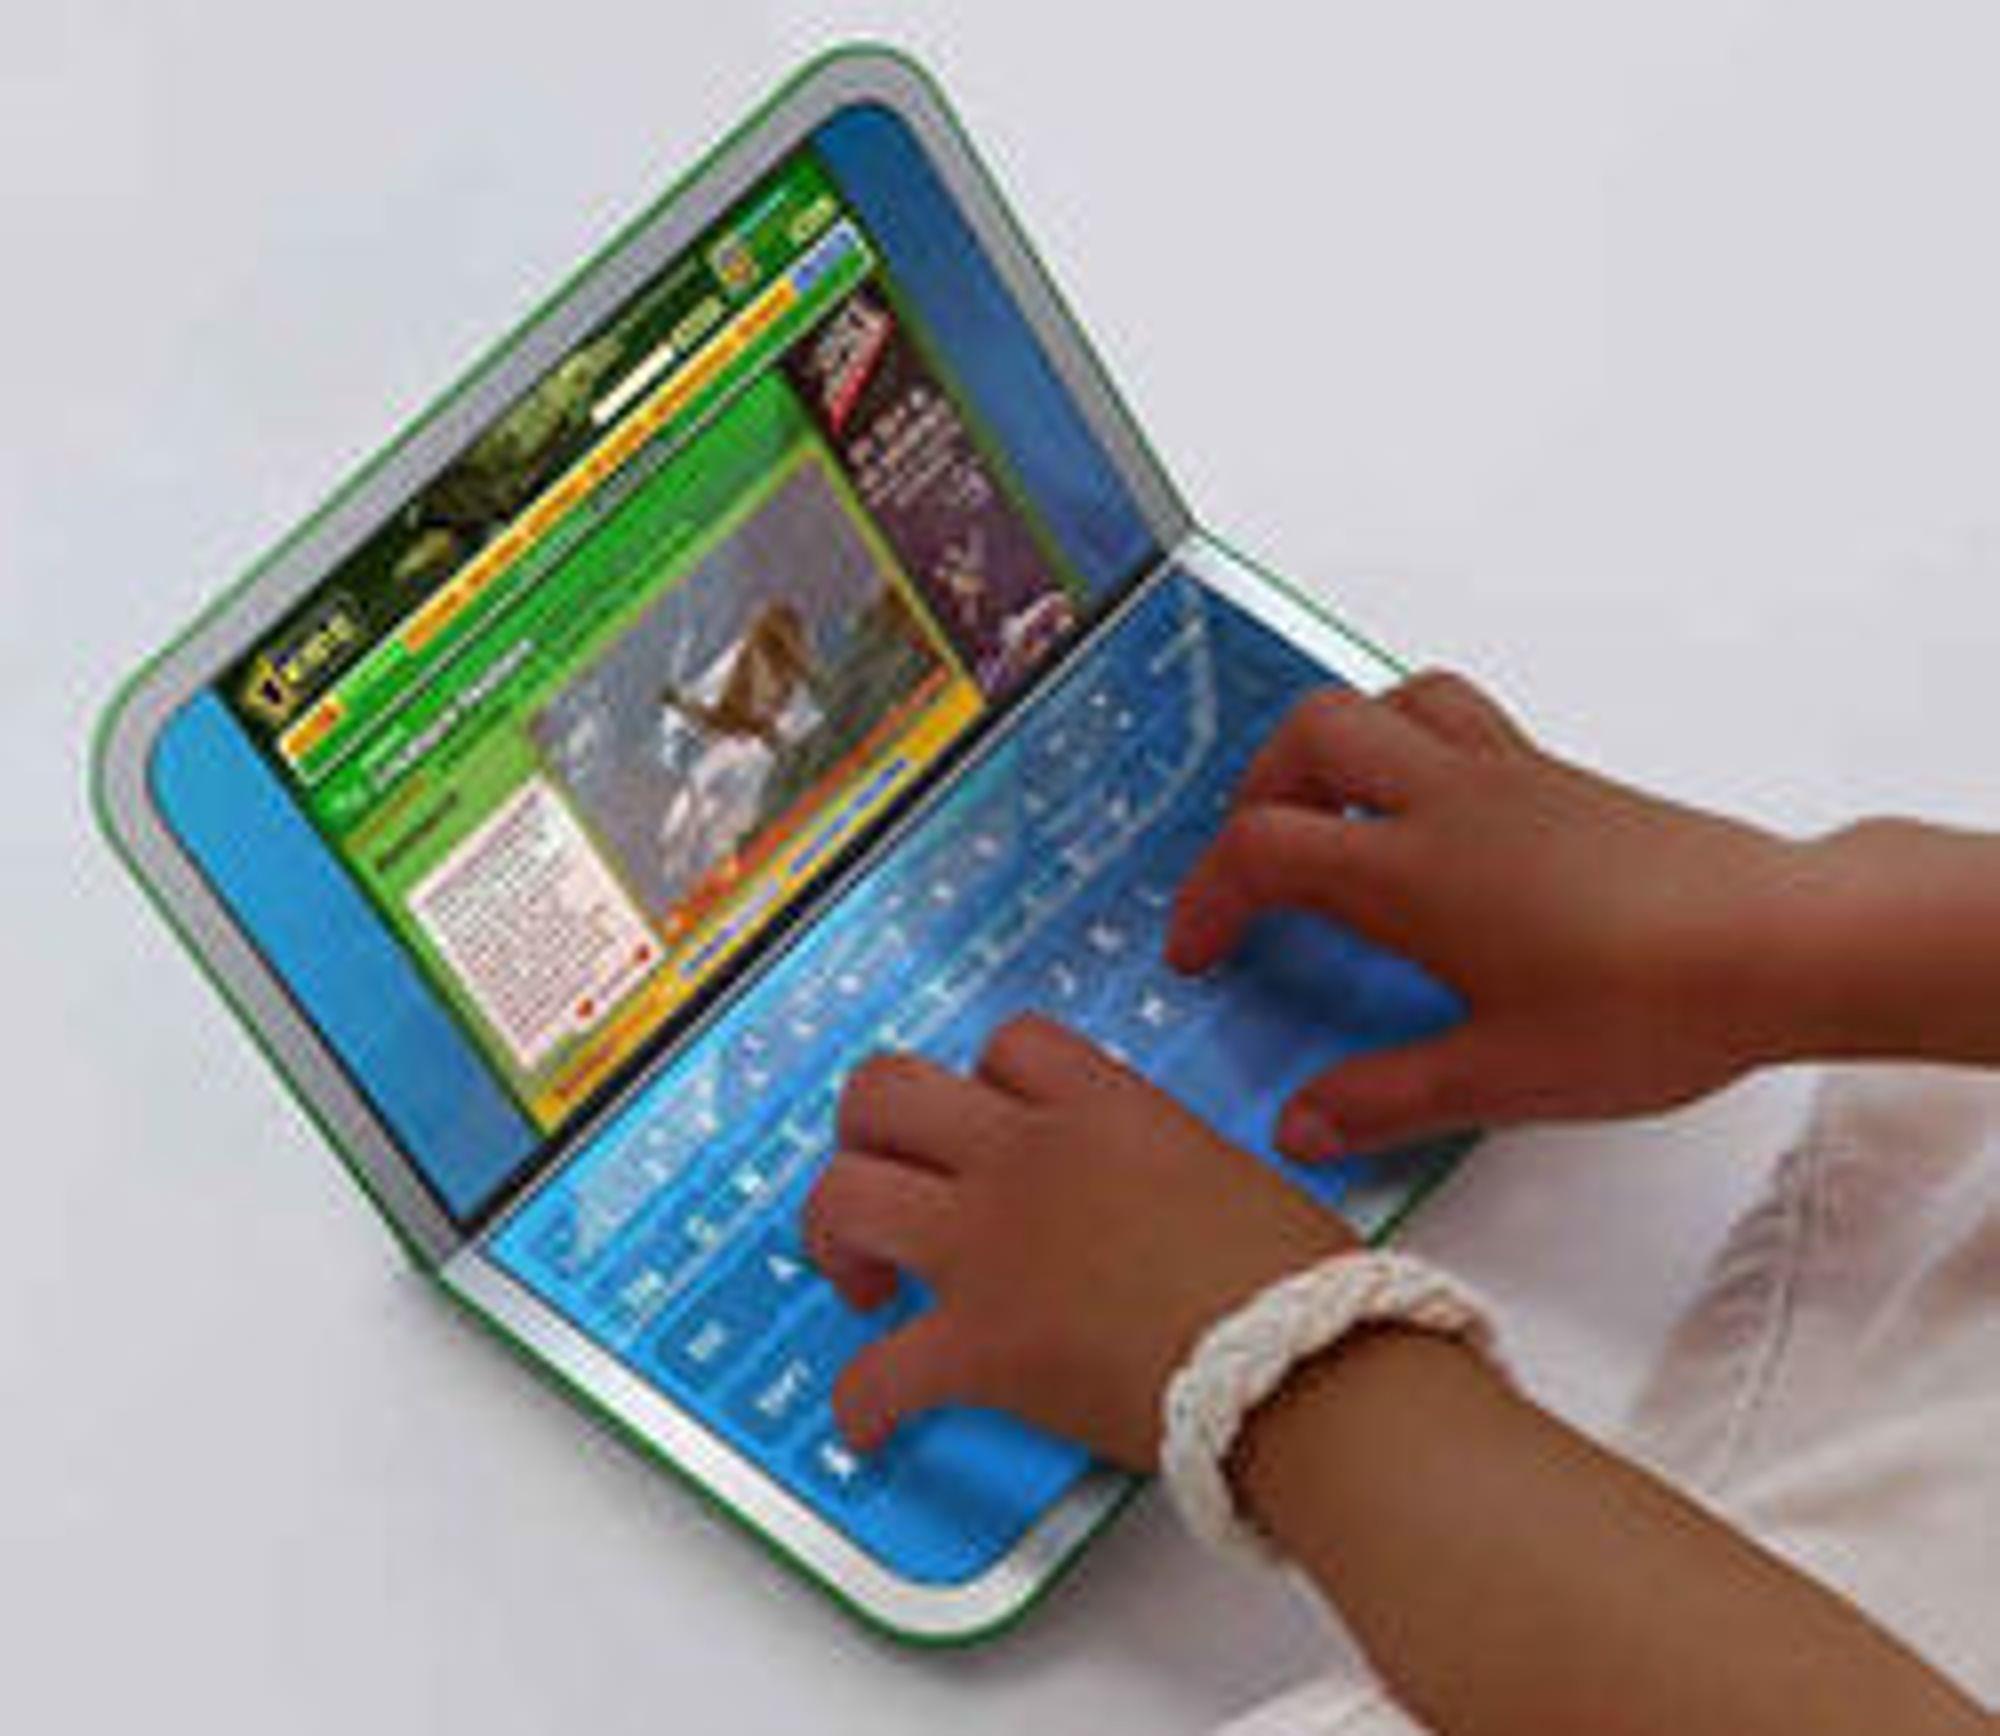 OLPC-prosjektet viser frem prototype av neste generasjon fordi de ønsker å bli kopiert.